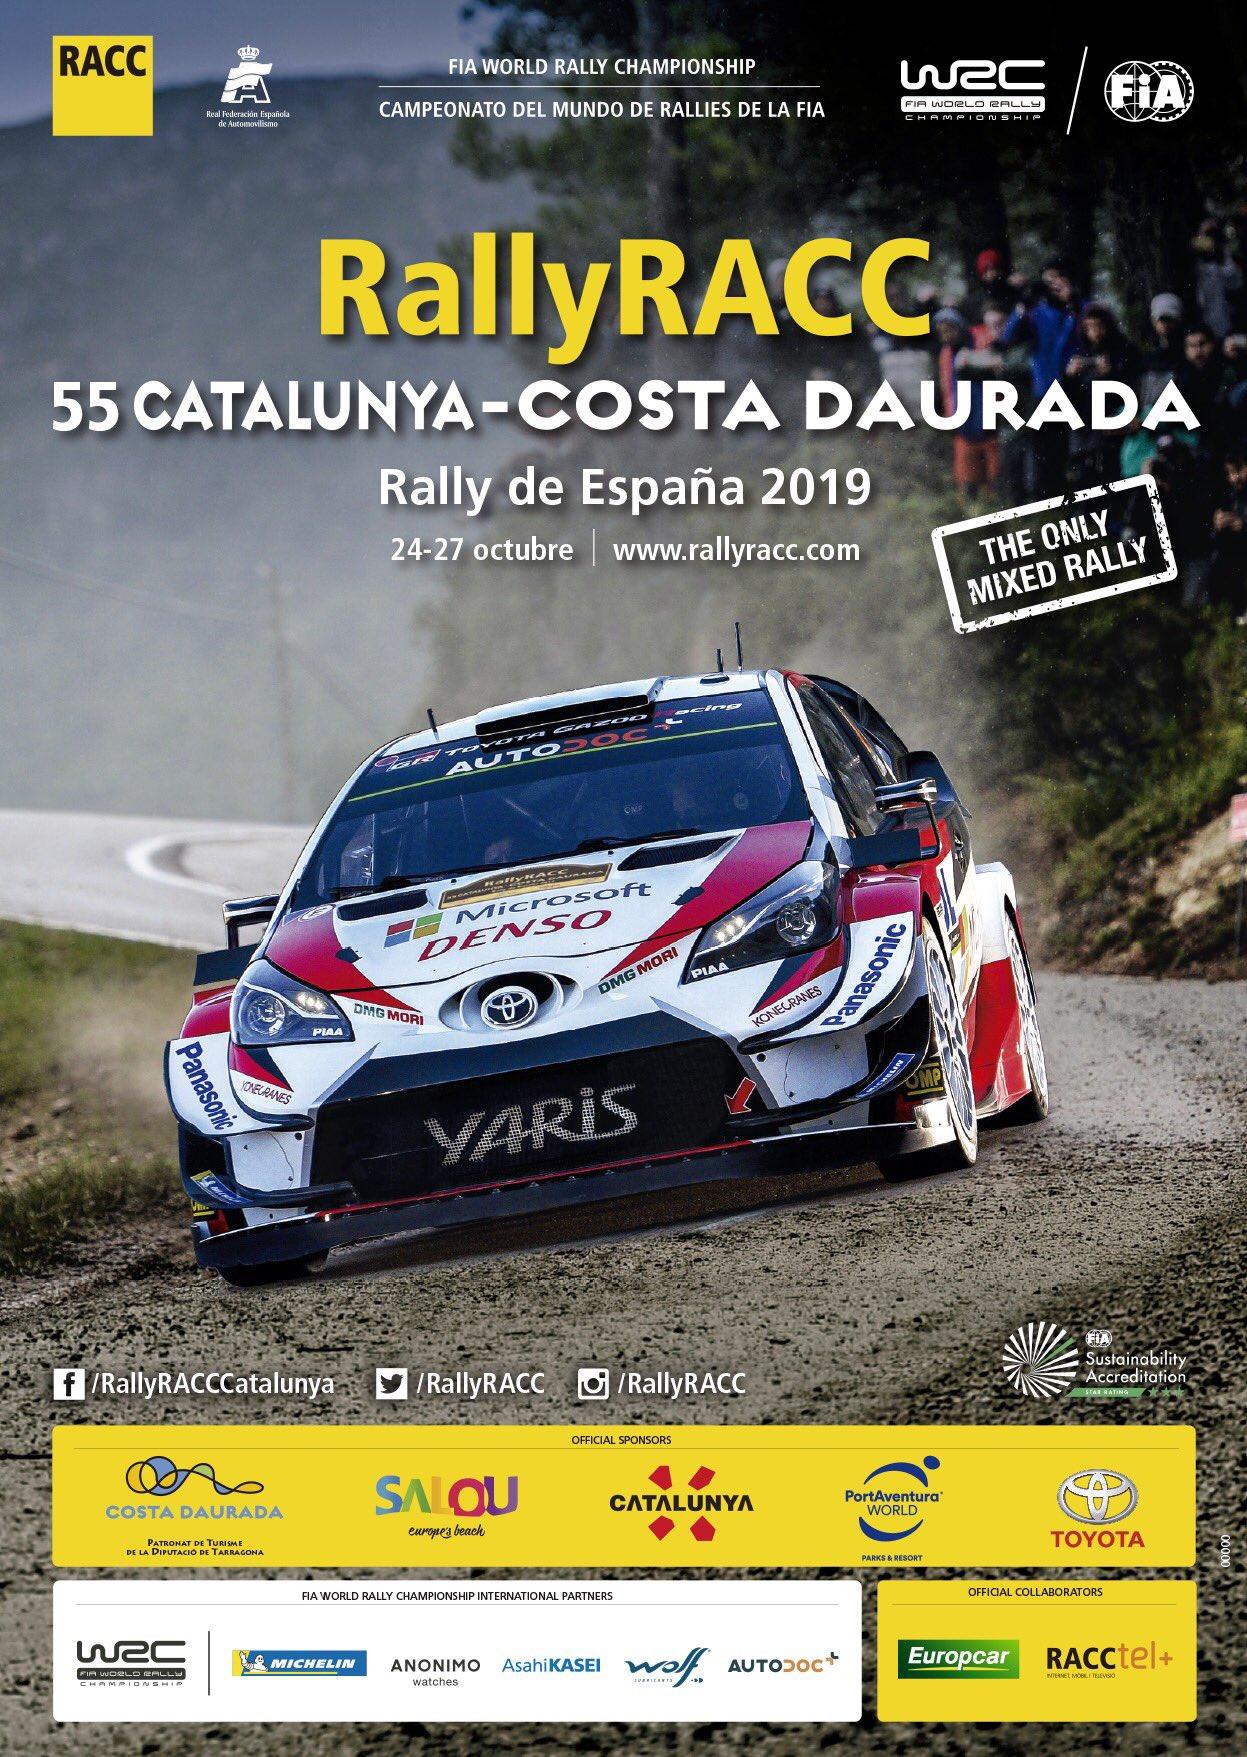 World Rally Championship: Temporada 2019 - Página 34 EAyf-SQWkAArH2V